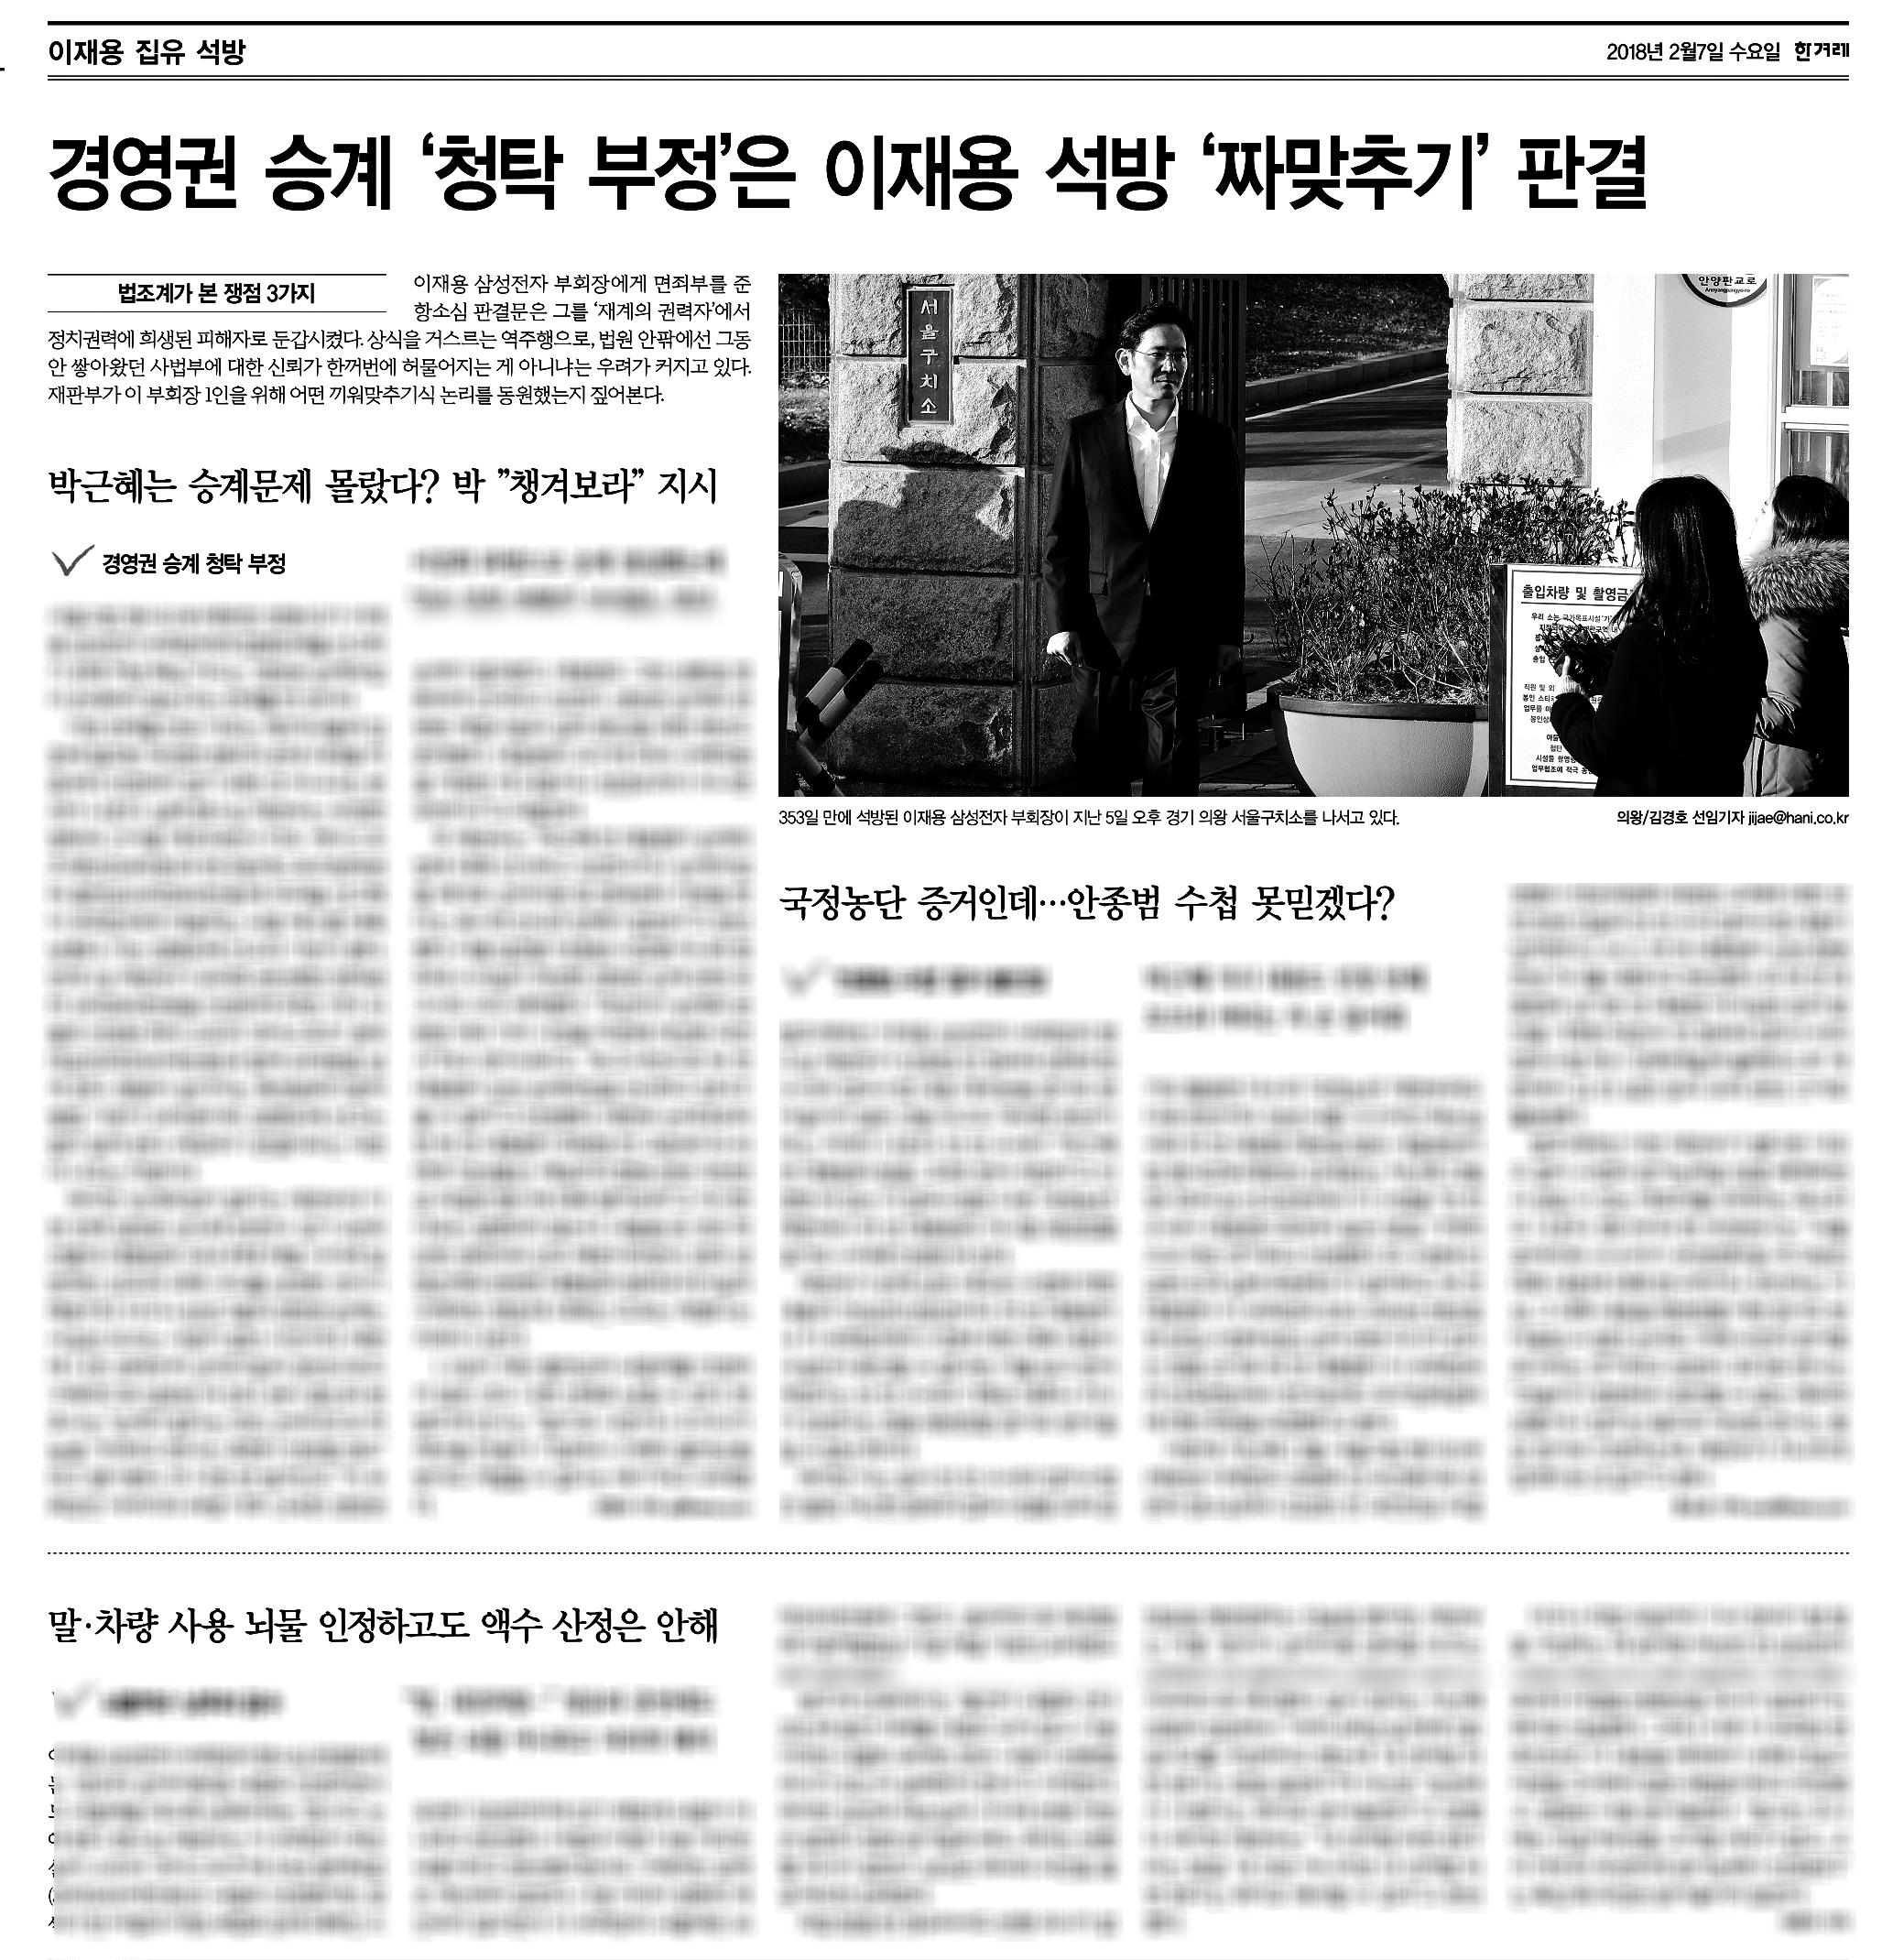 한겨레 이재용 짜맞추기.jpg